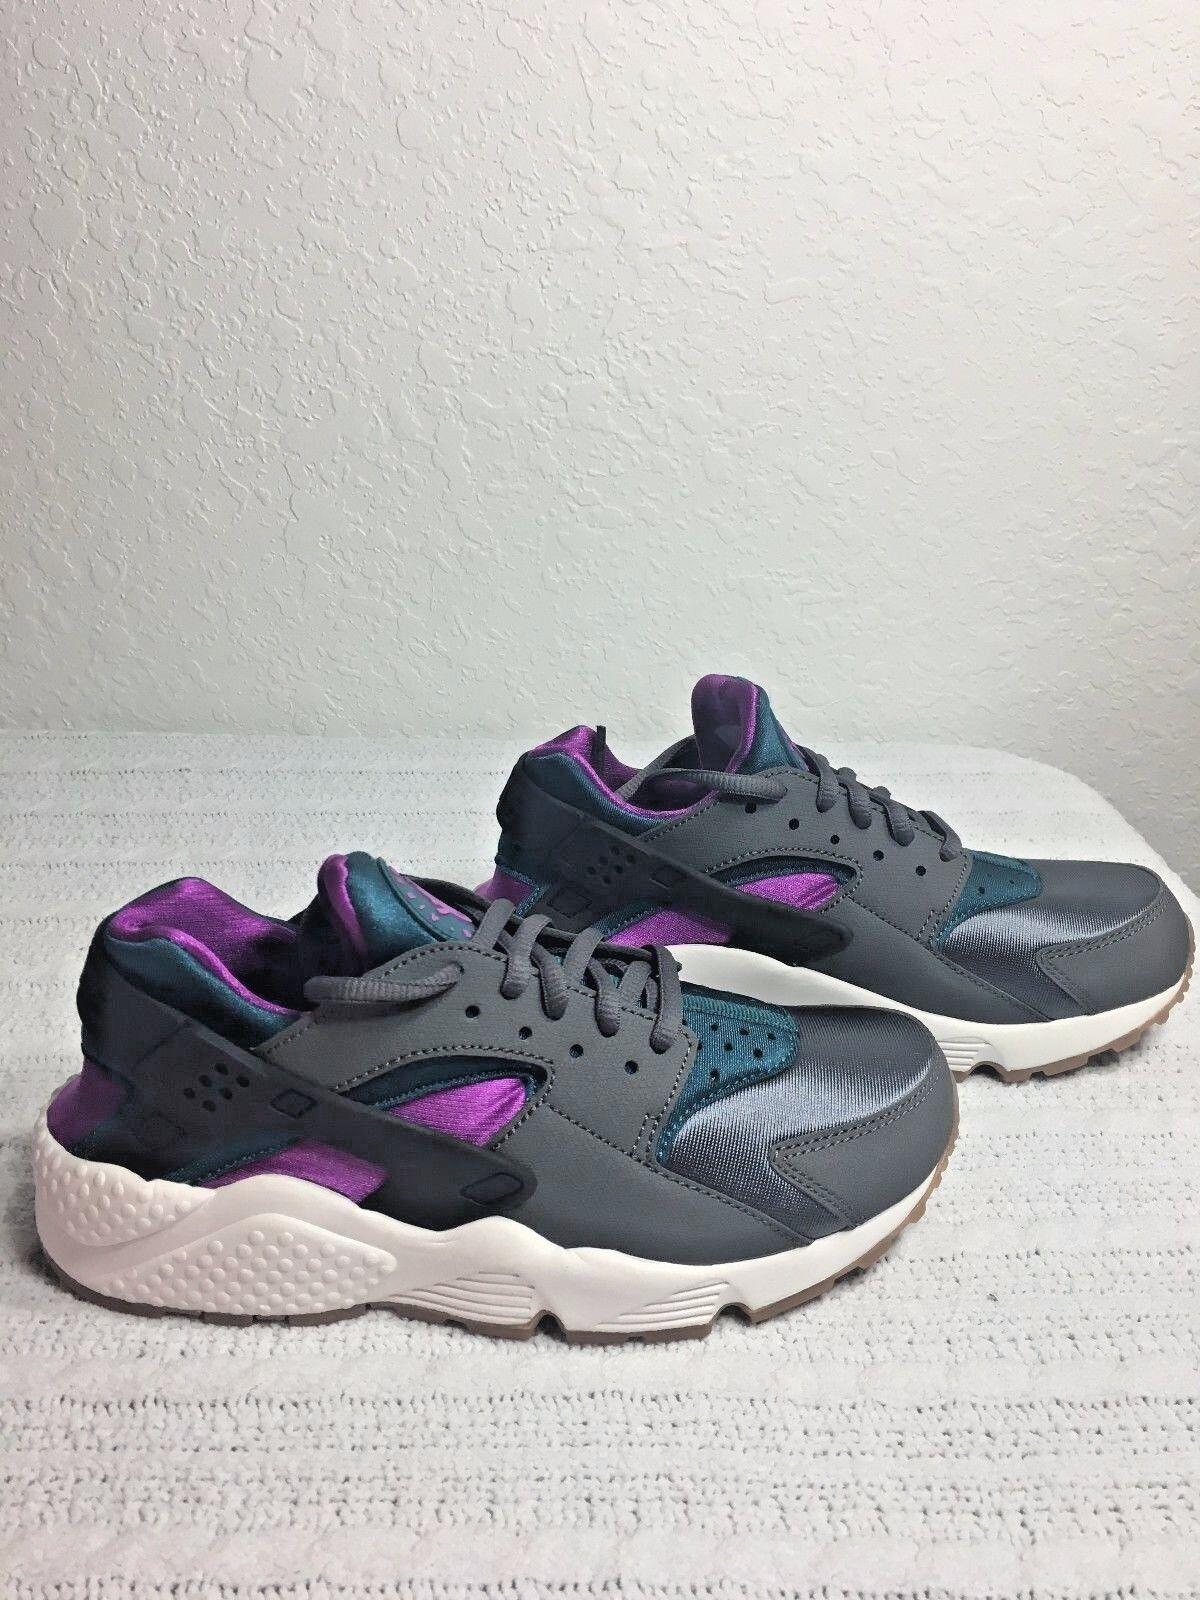 Nike air huarache lauf grau / blaugrün blaugrün blaugrün frauen größe 6,5, neue 634835 016 074d7c